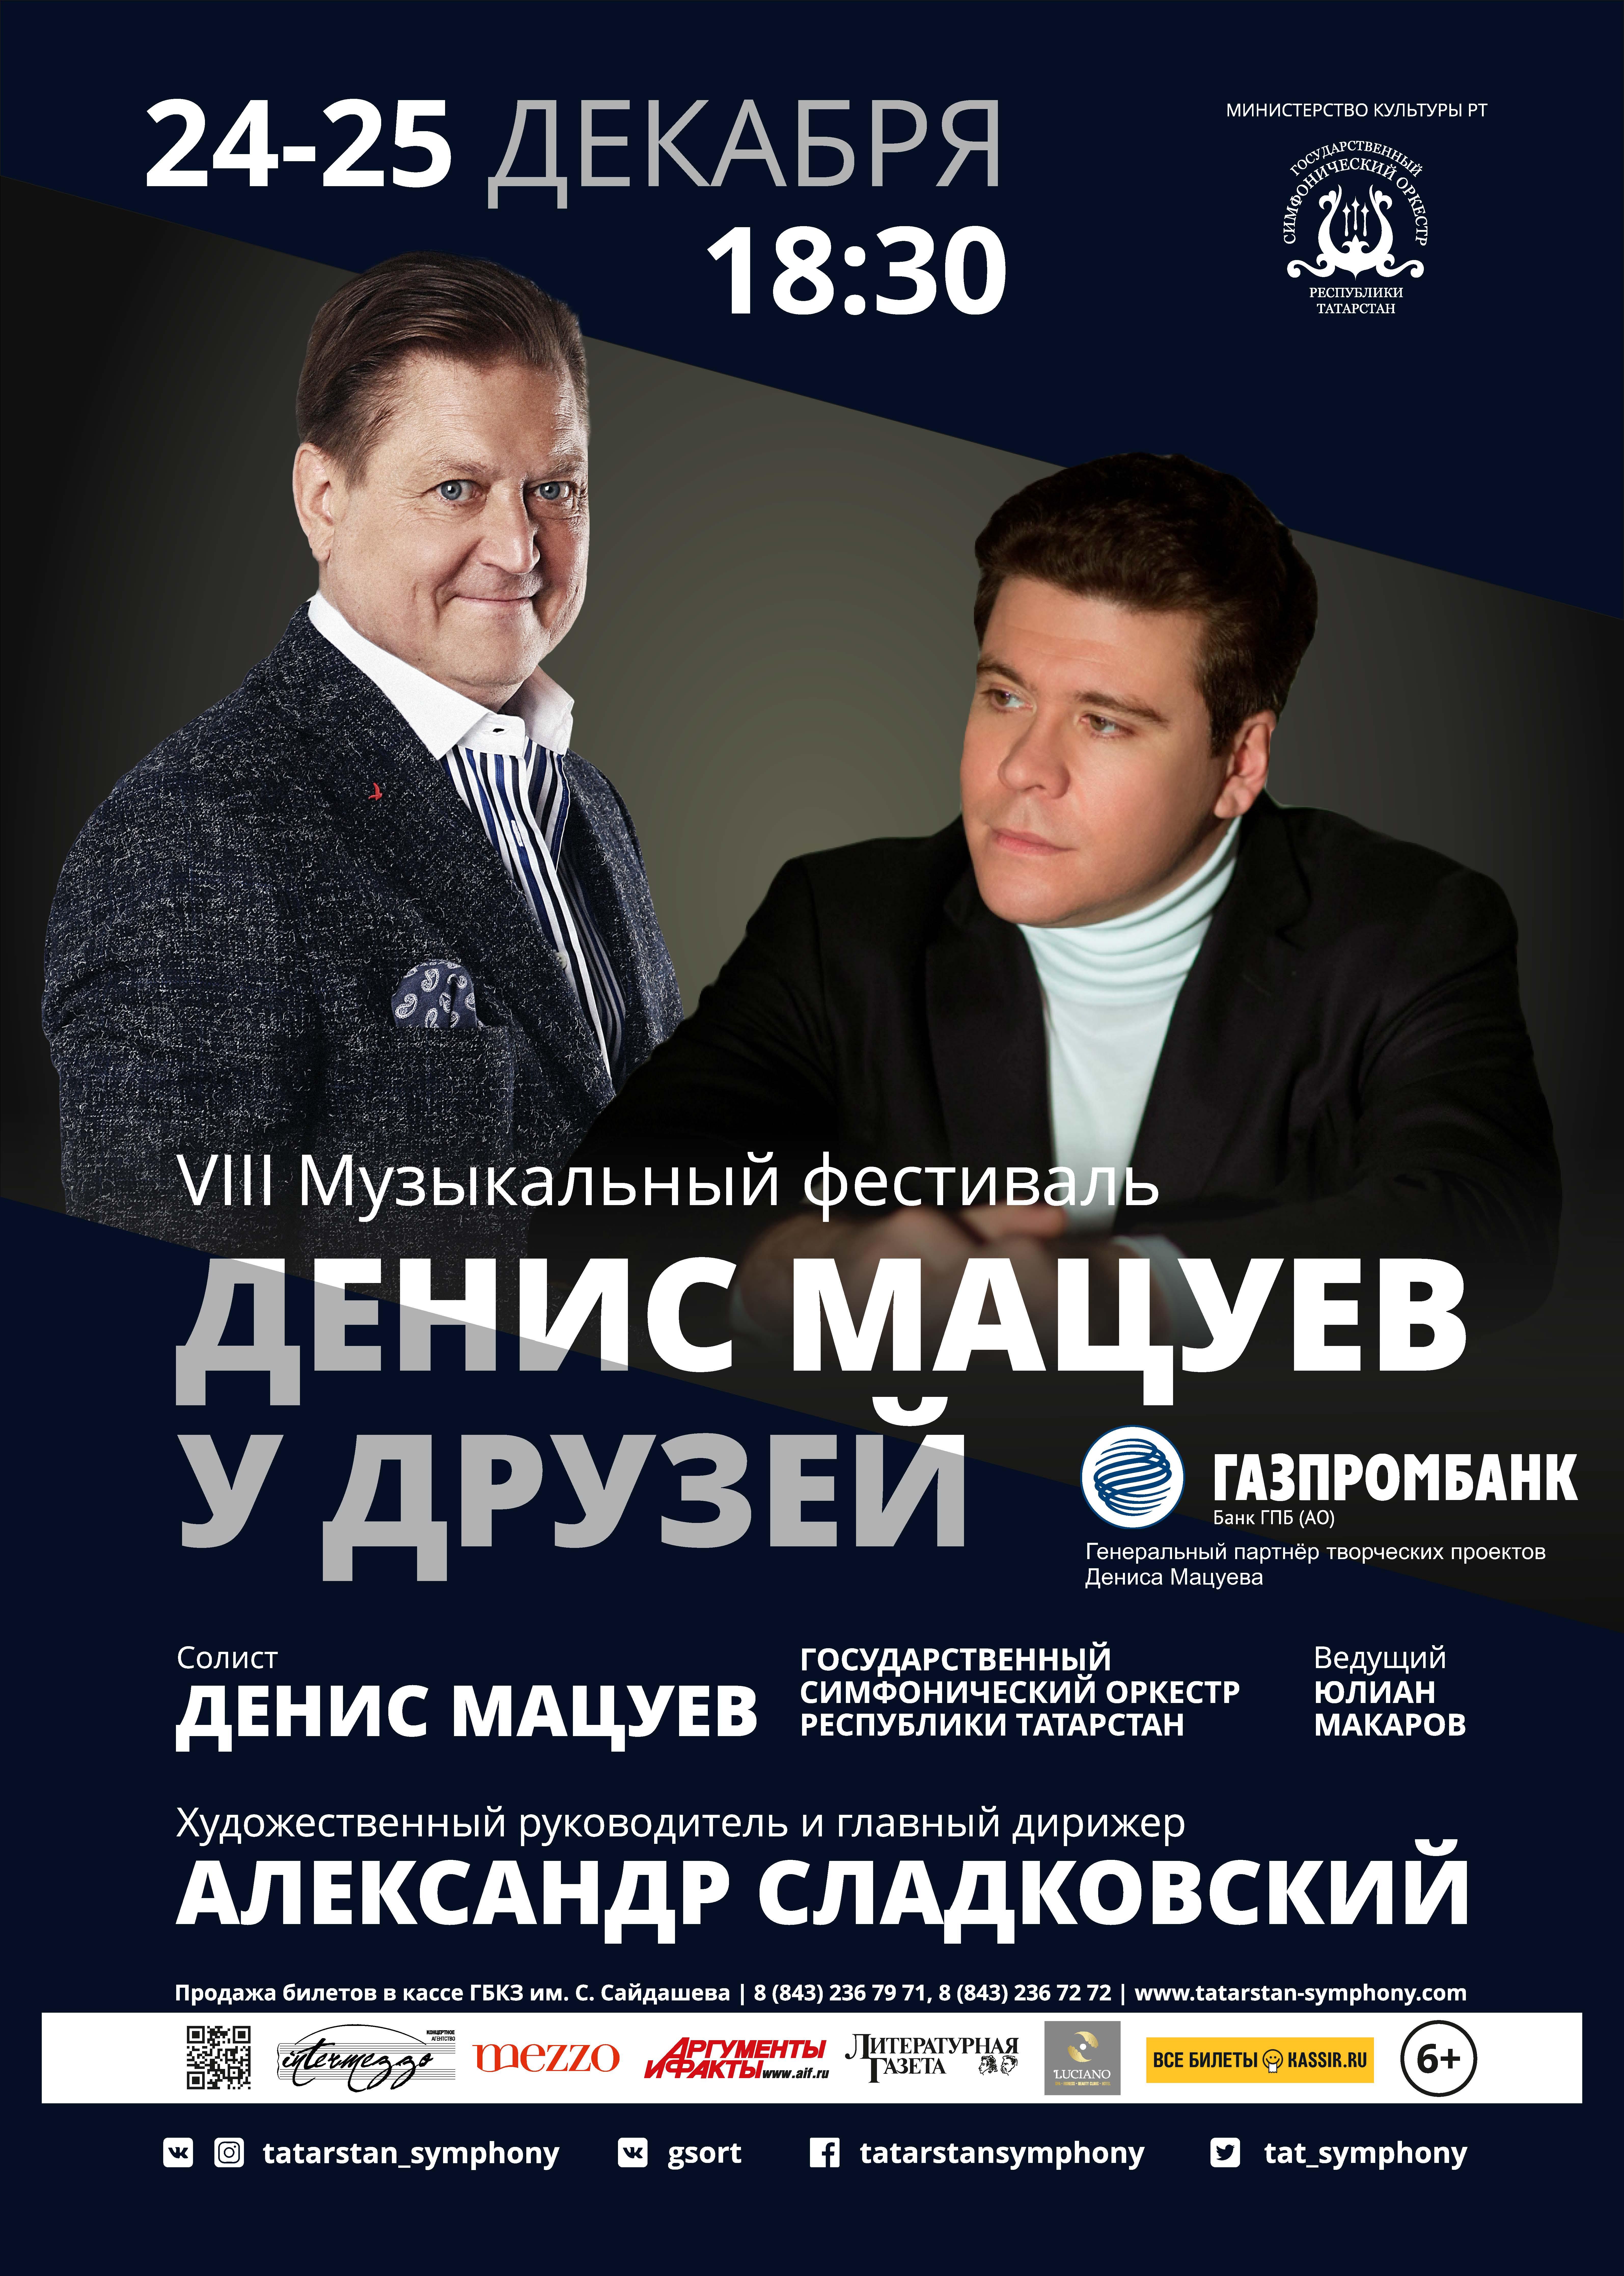 В Казани пройдет музыкальный фестиваль «Денис Мацуев у друзей»